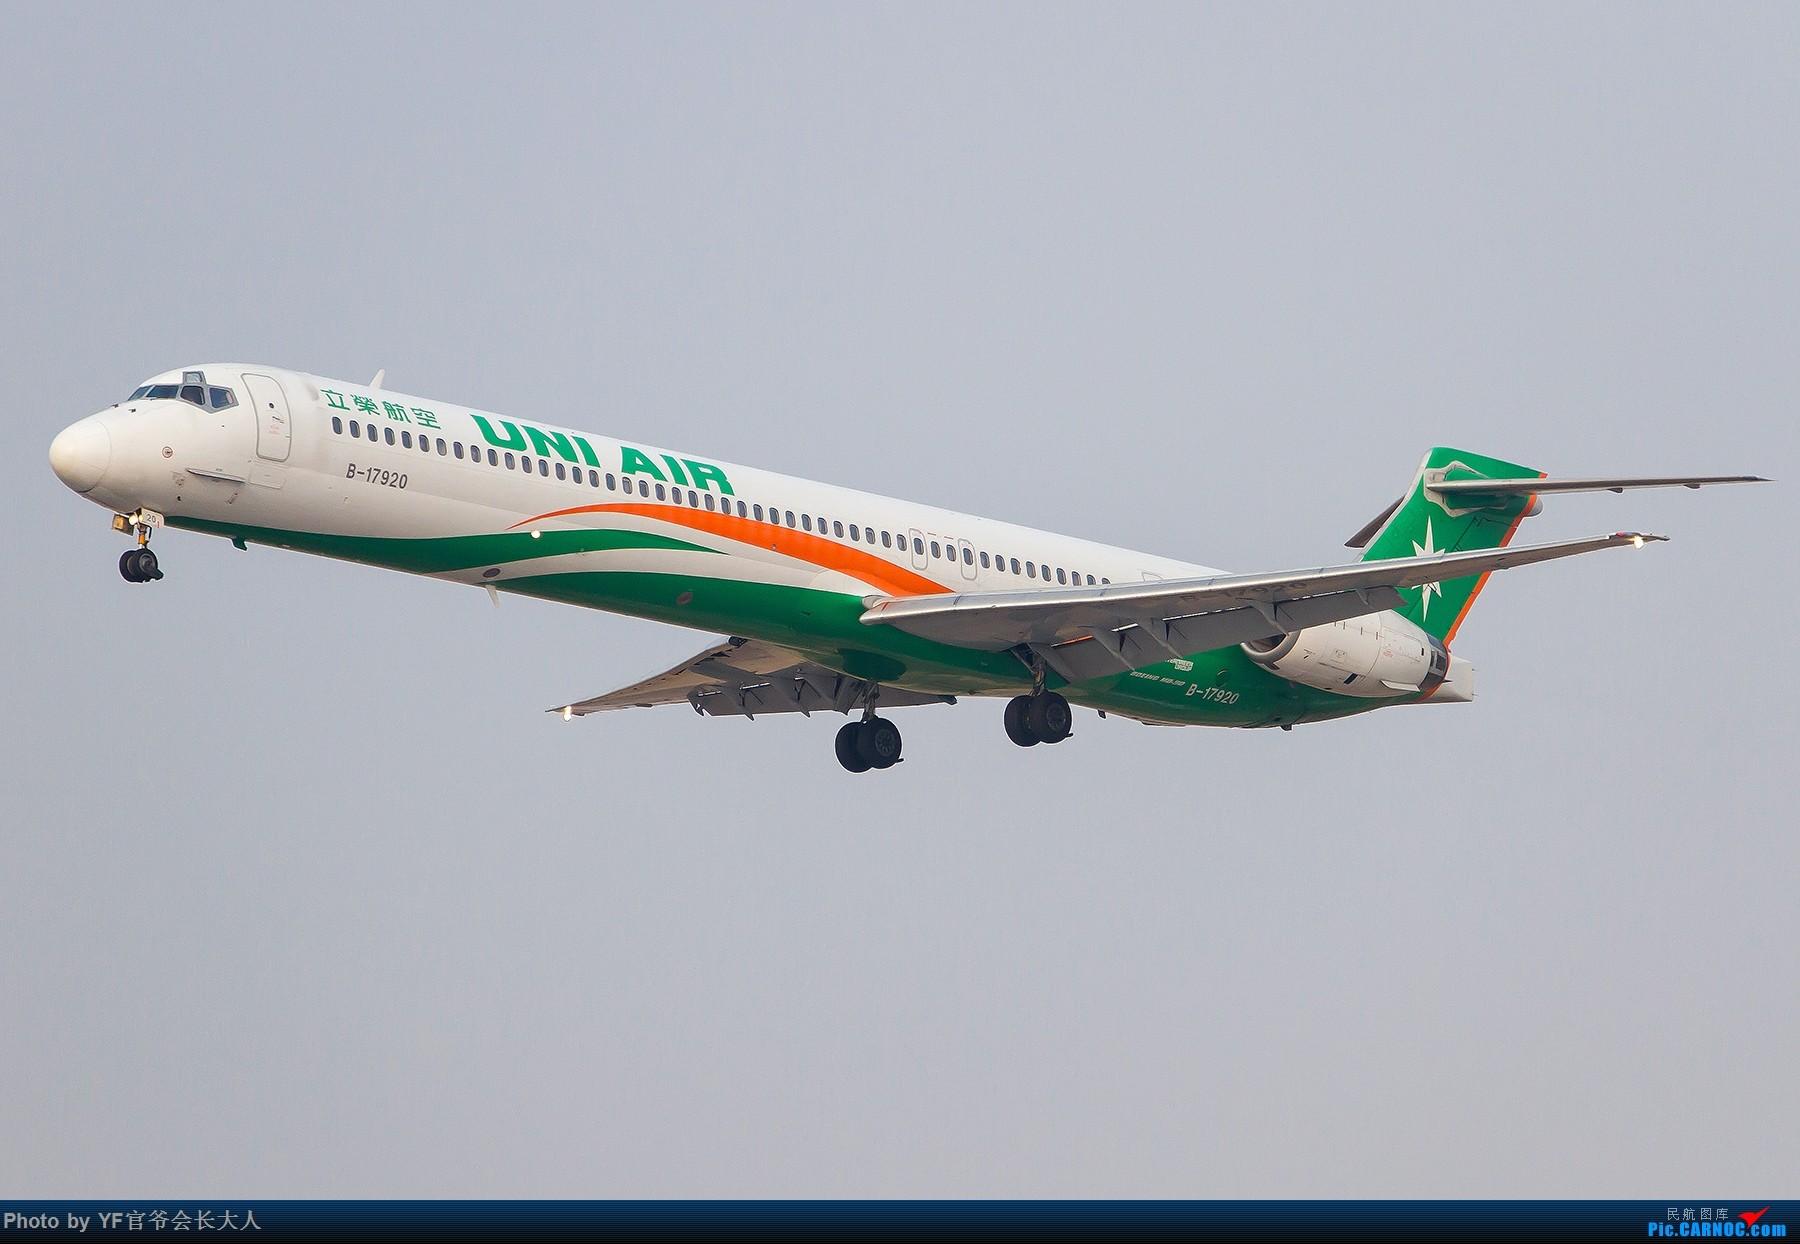 Re:[原创]【ZYTX】冬天不适合拍机 MD MD-90-30 B-17920 中国沈阳桃仙国际机场